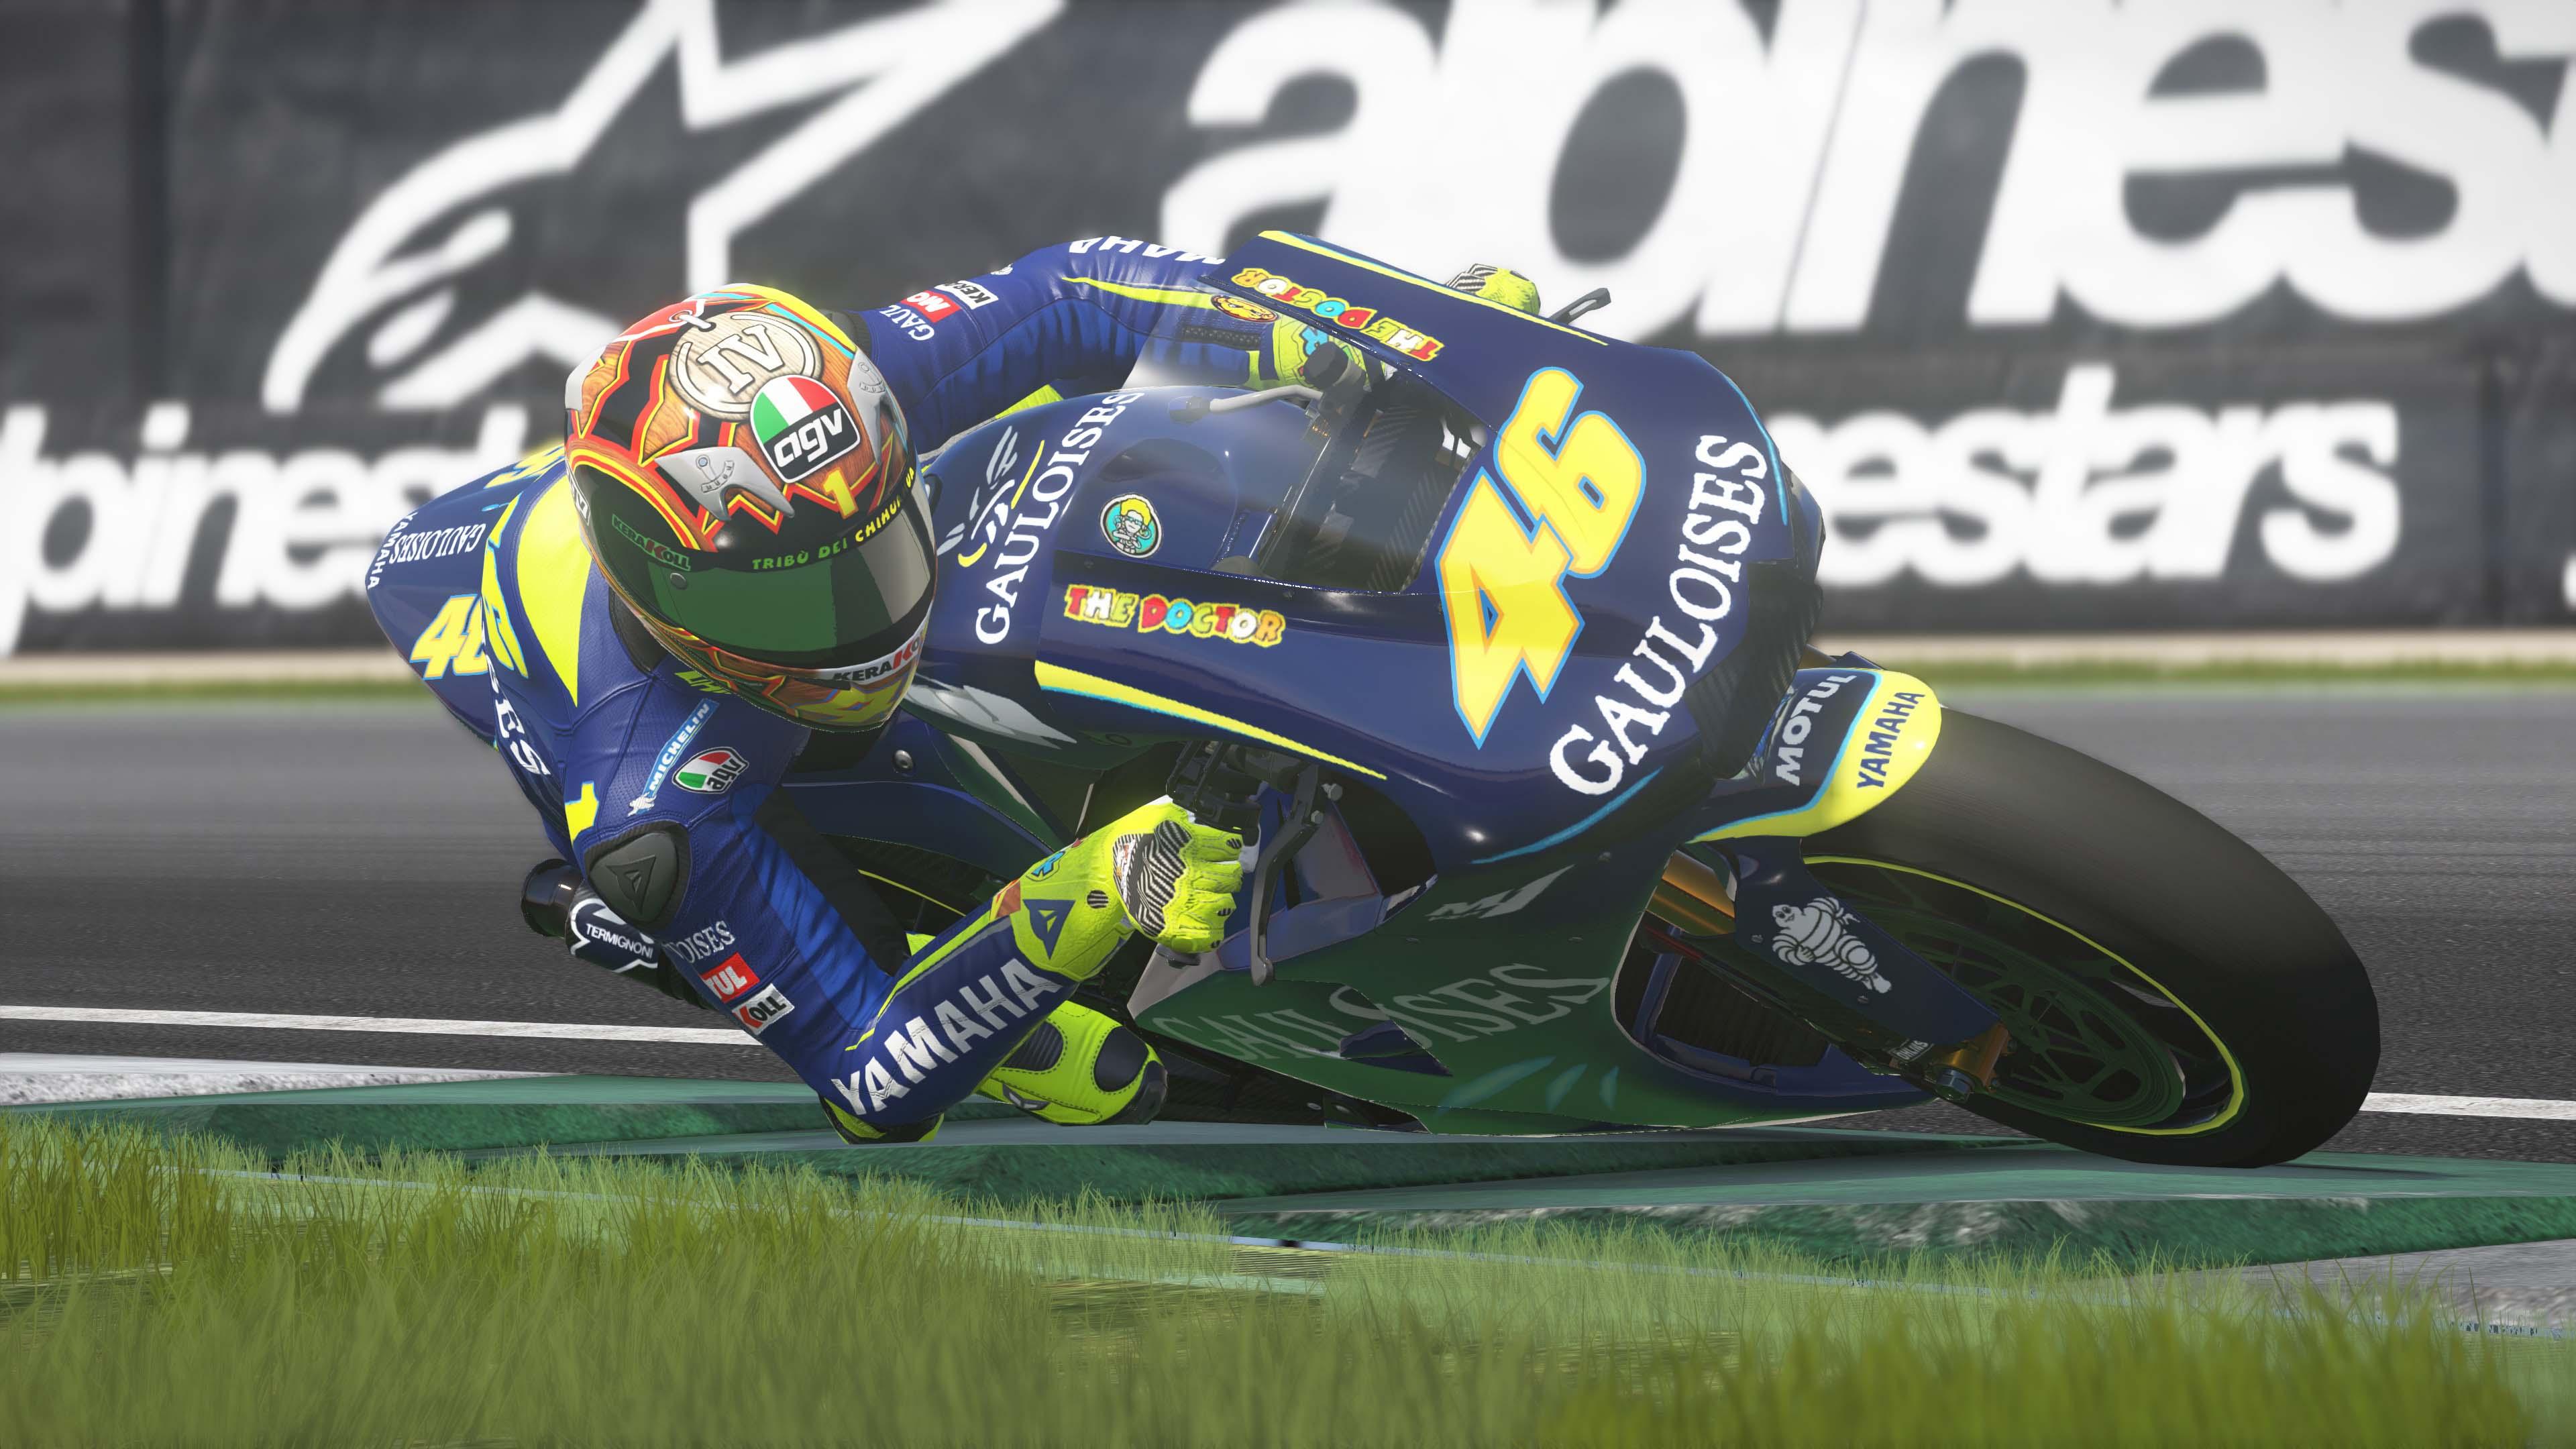 Valentino Rossi 2004 1 0 Valentino Rossi 2004 1 1 Final